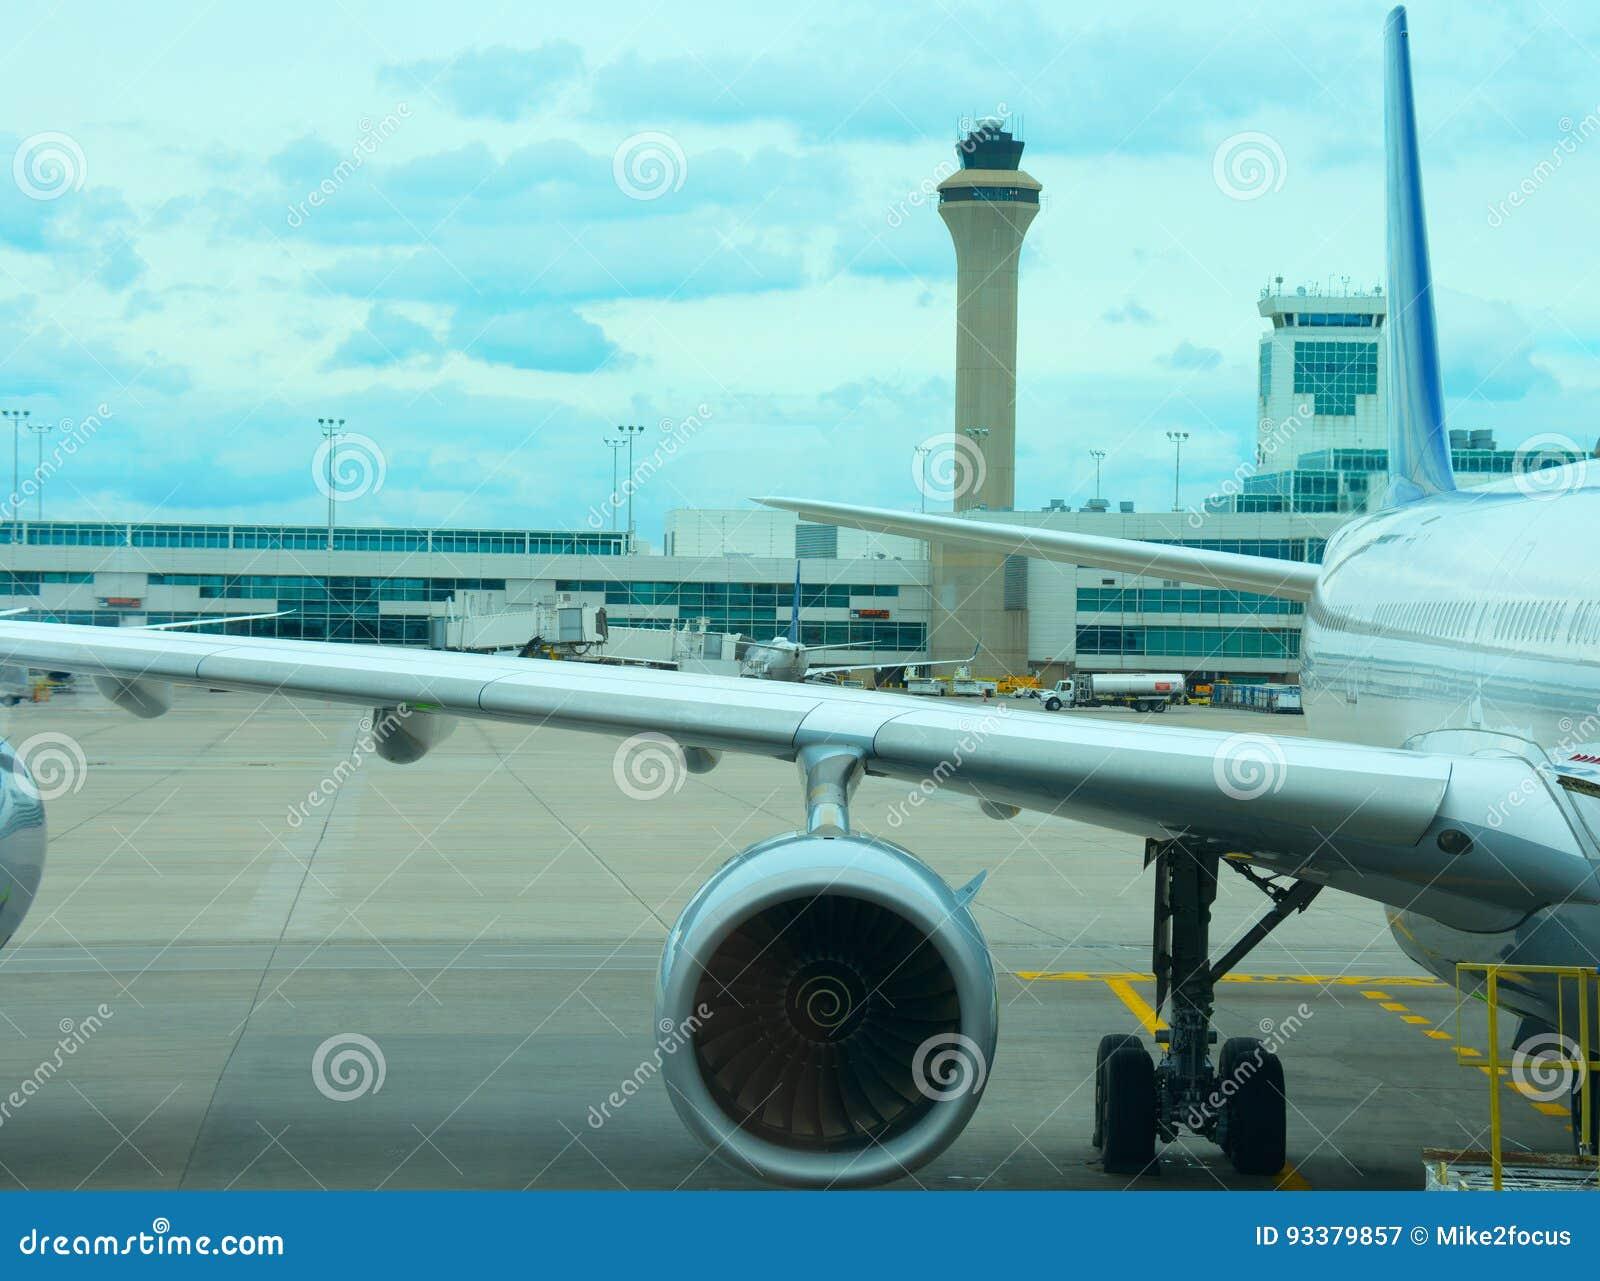 De close-up van het lijnvliegtuigvliegtuig op tarmac met de toren van de luchtverkeerscontrole op achtergrond